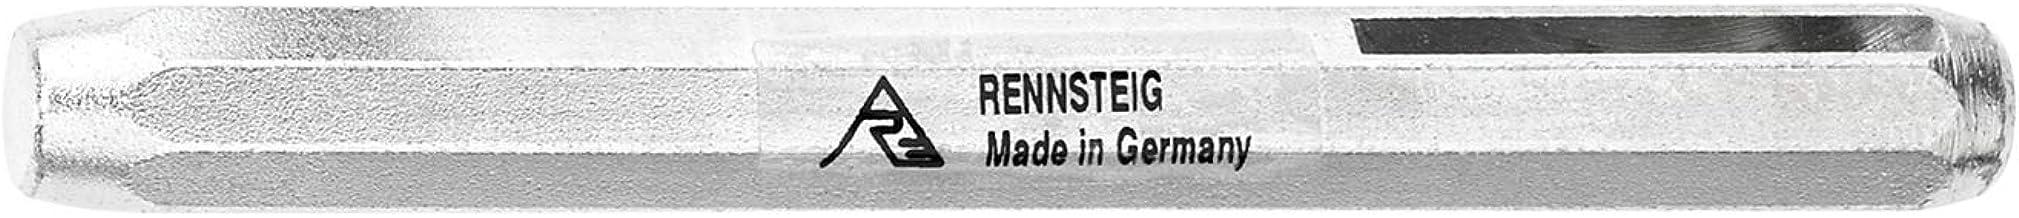 رينستيج 445 136 5 ادوات متعدده الاستخدام